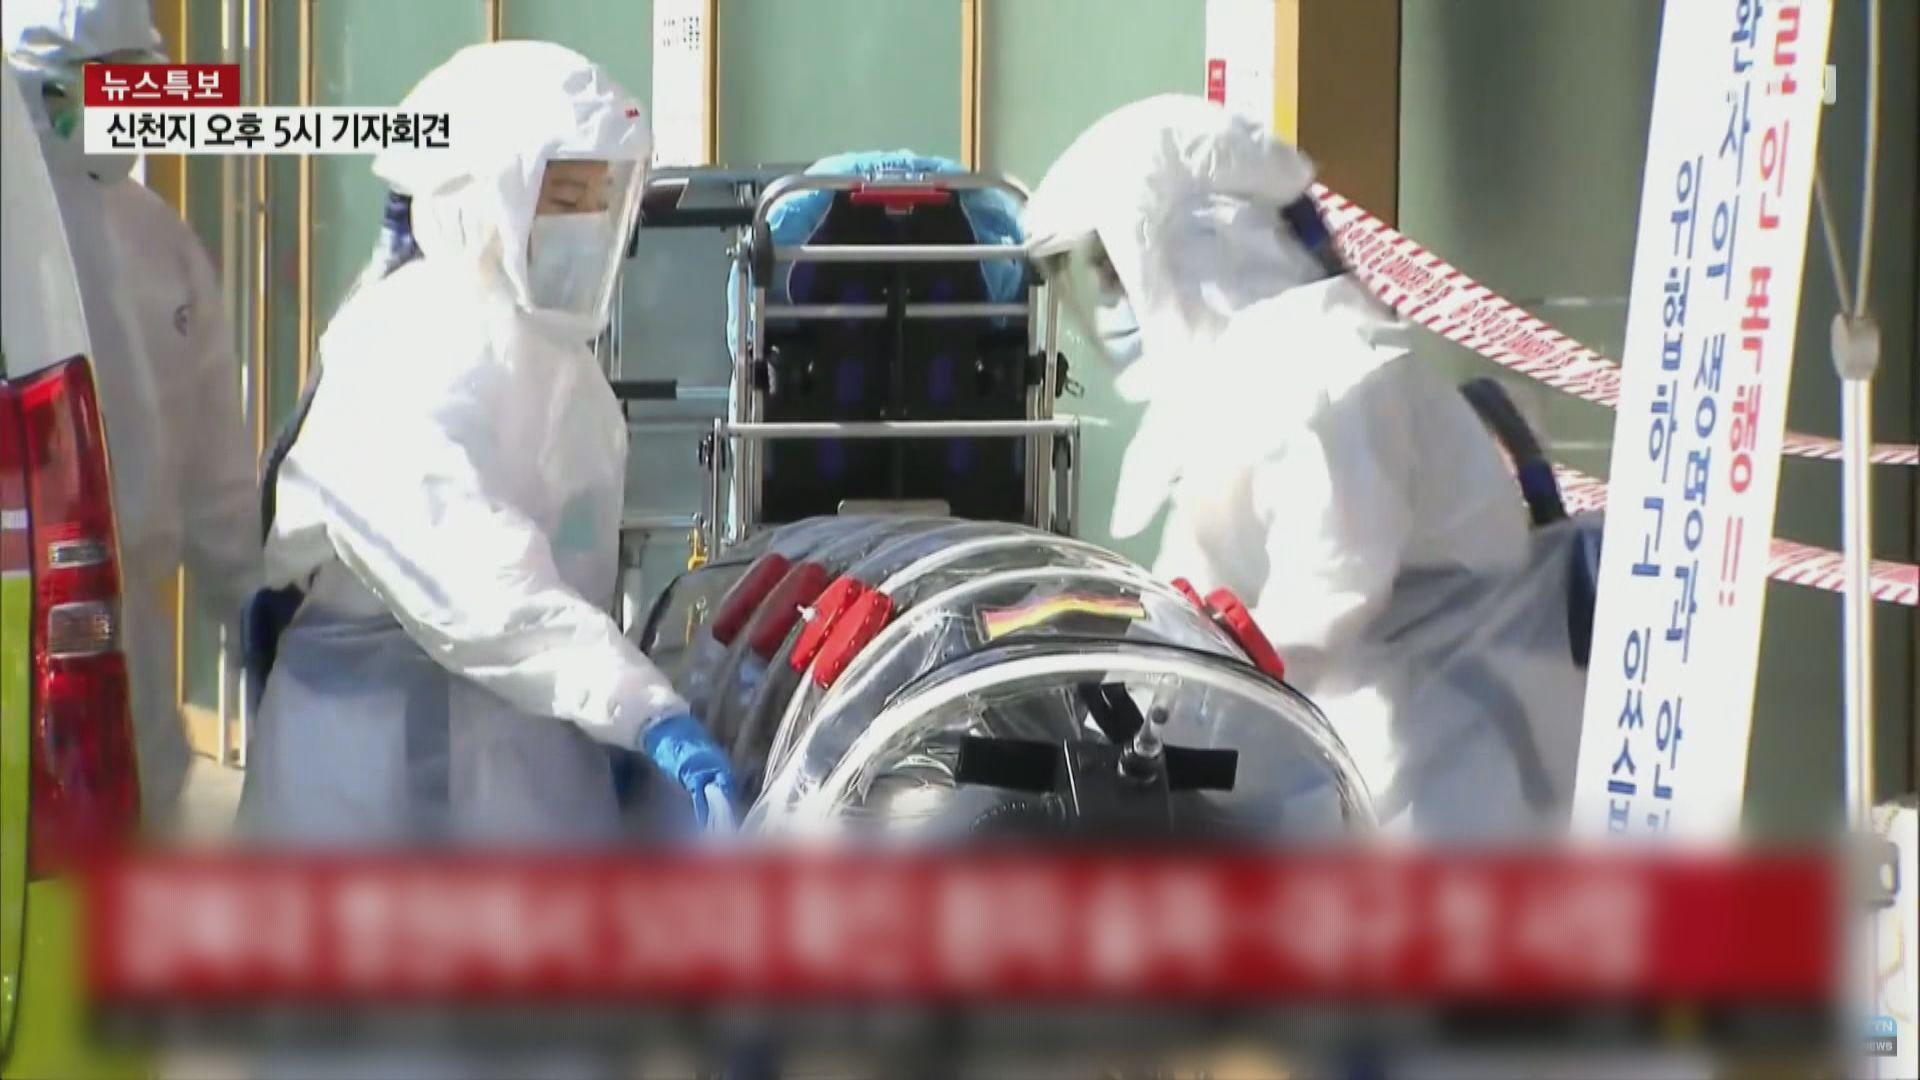 南韓疫情預警提升至最高級別